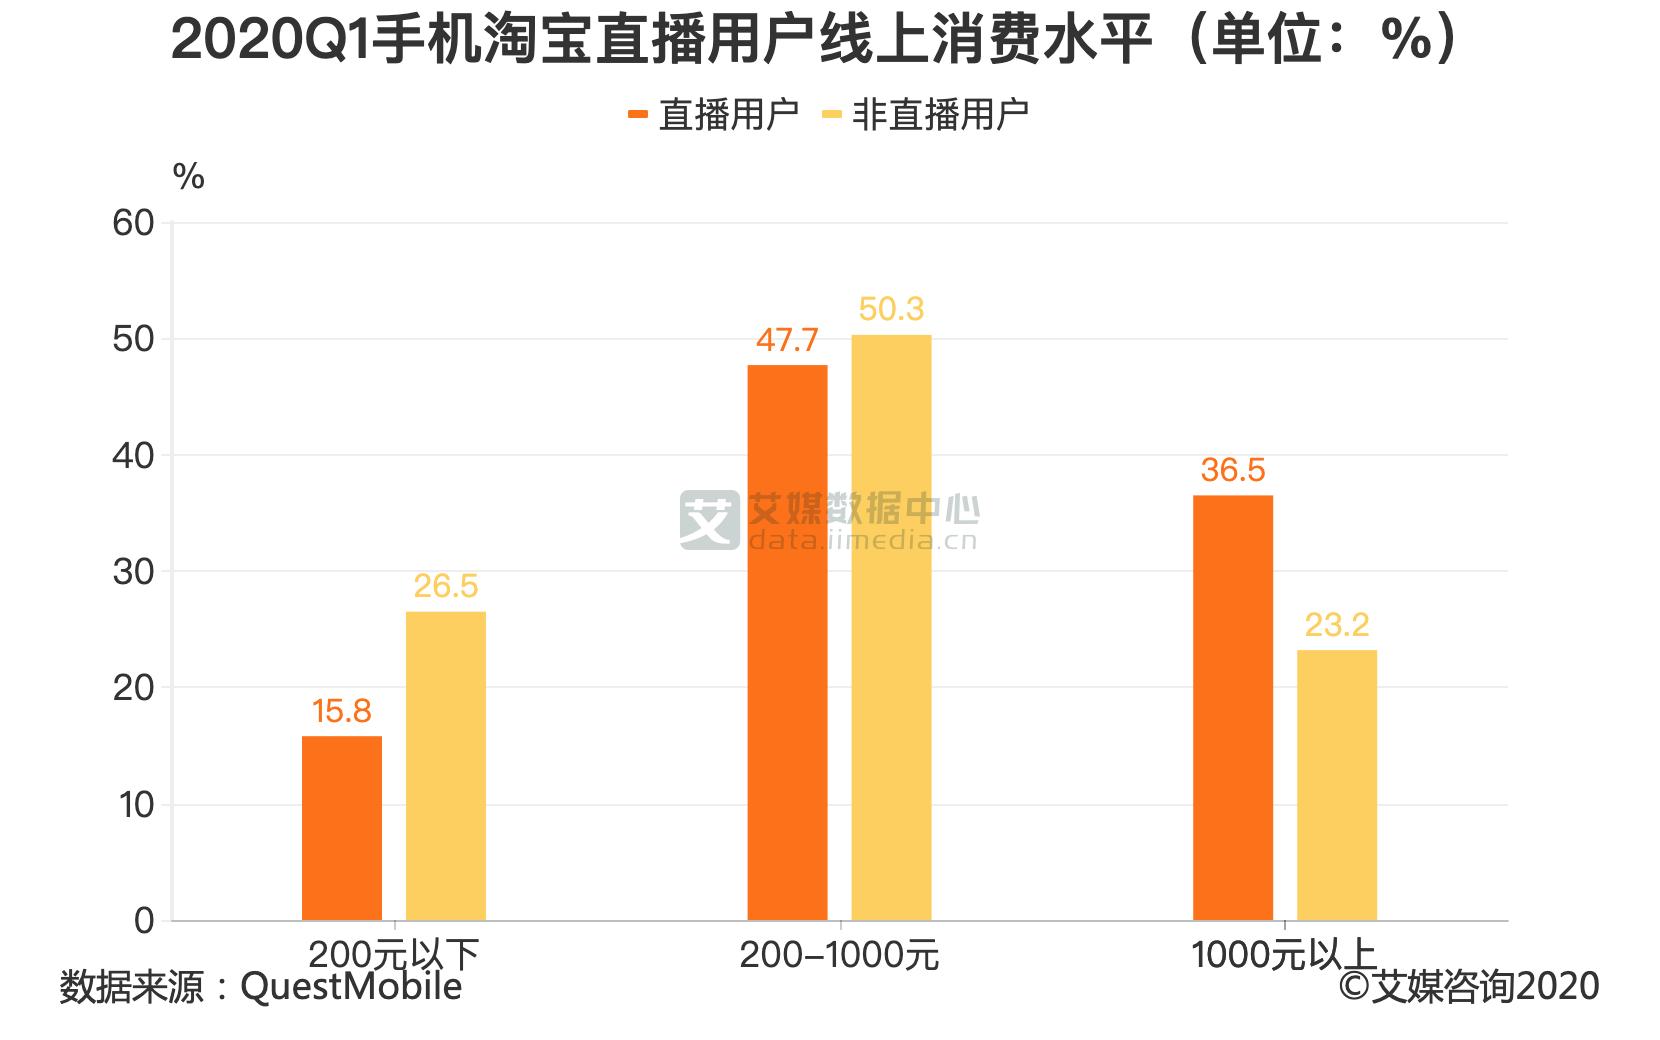 2020Q1手机淘宝直播用户线上消费水平(单位:%)